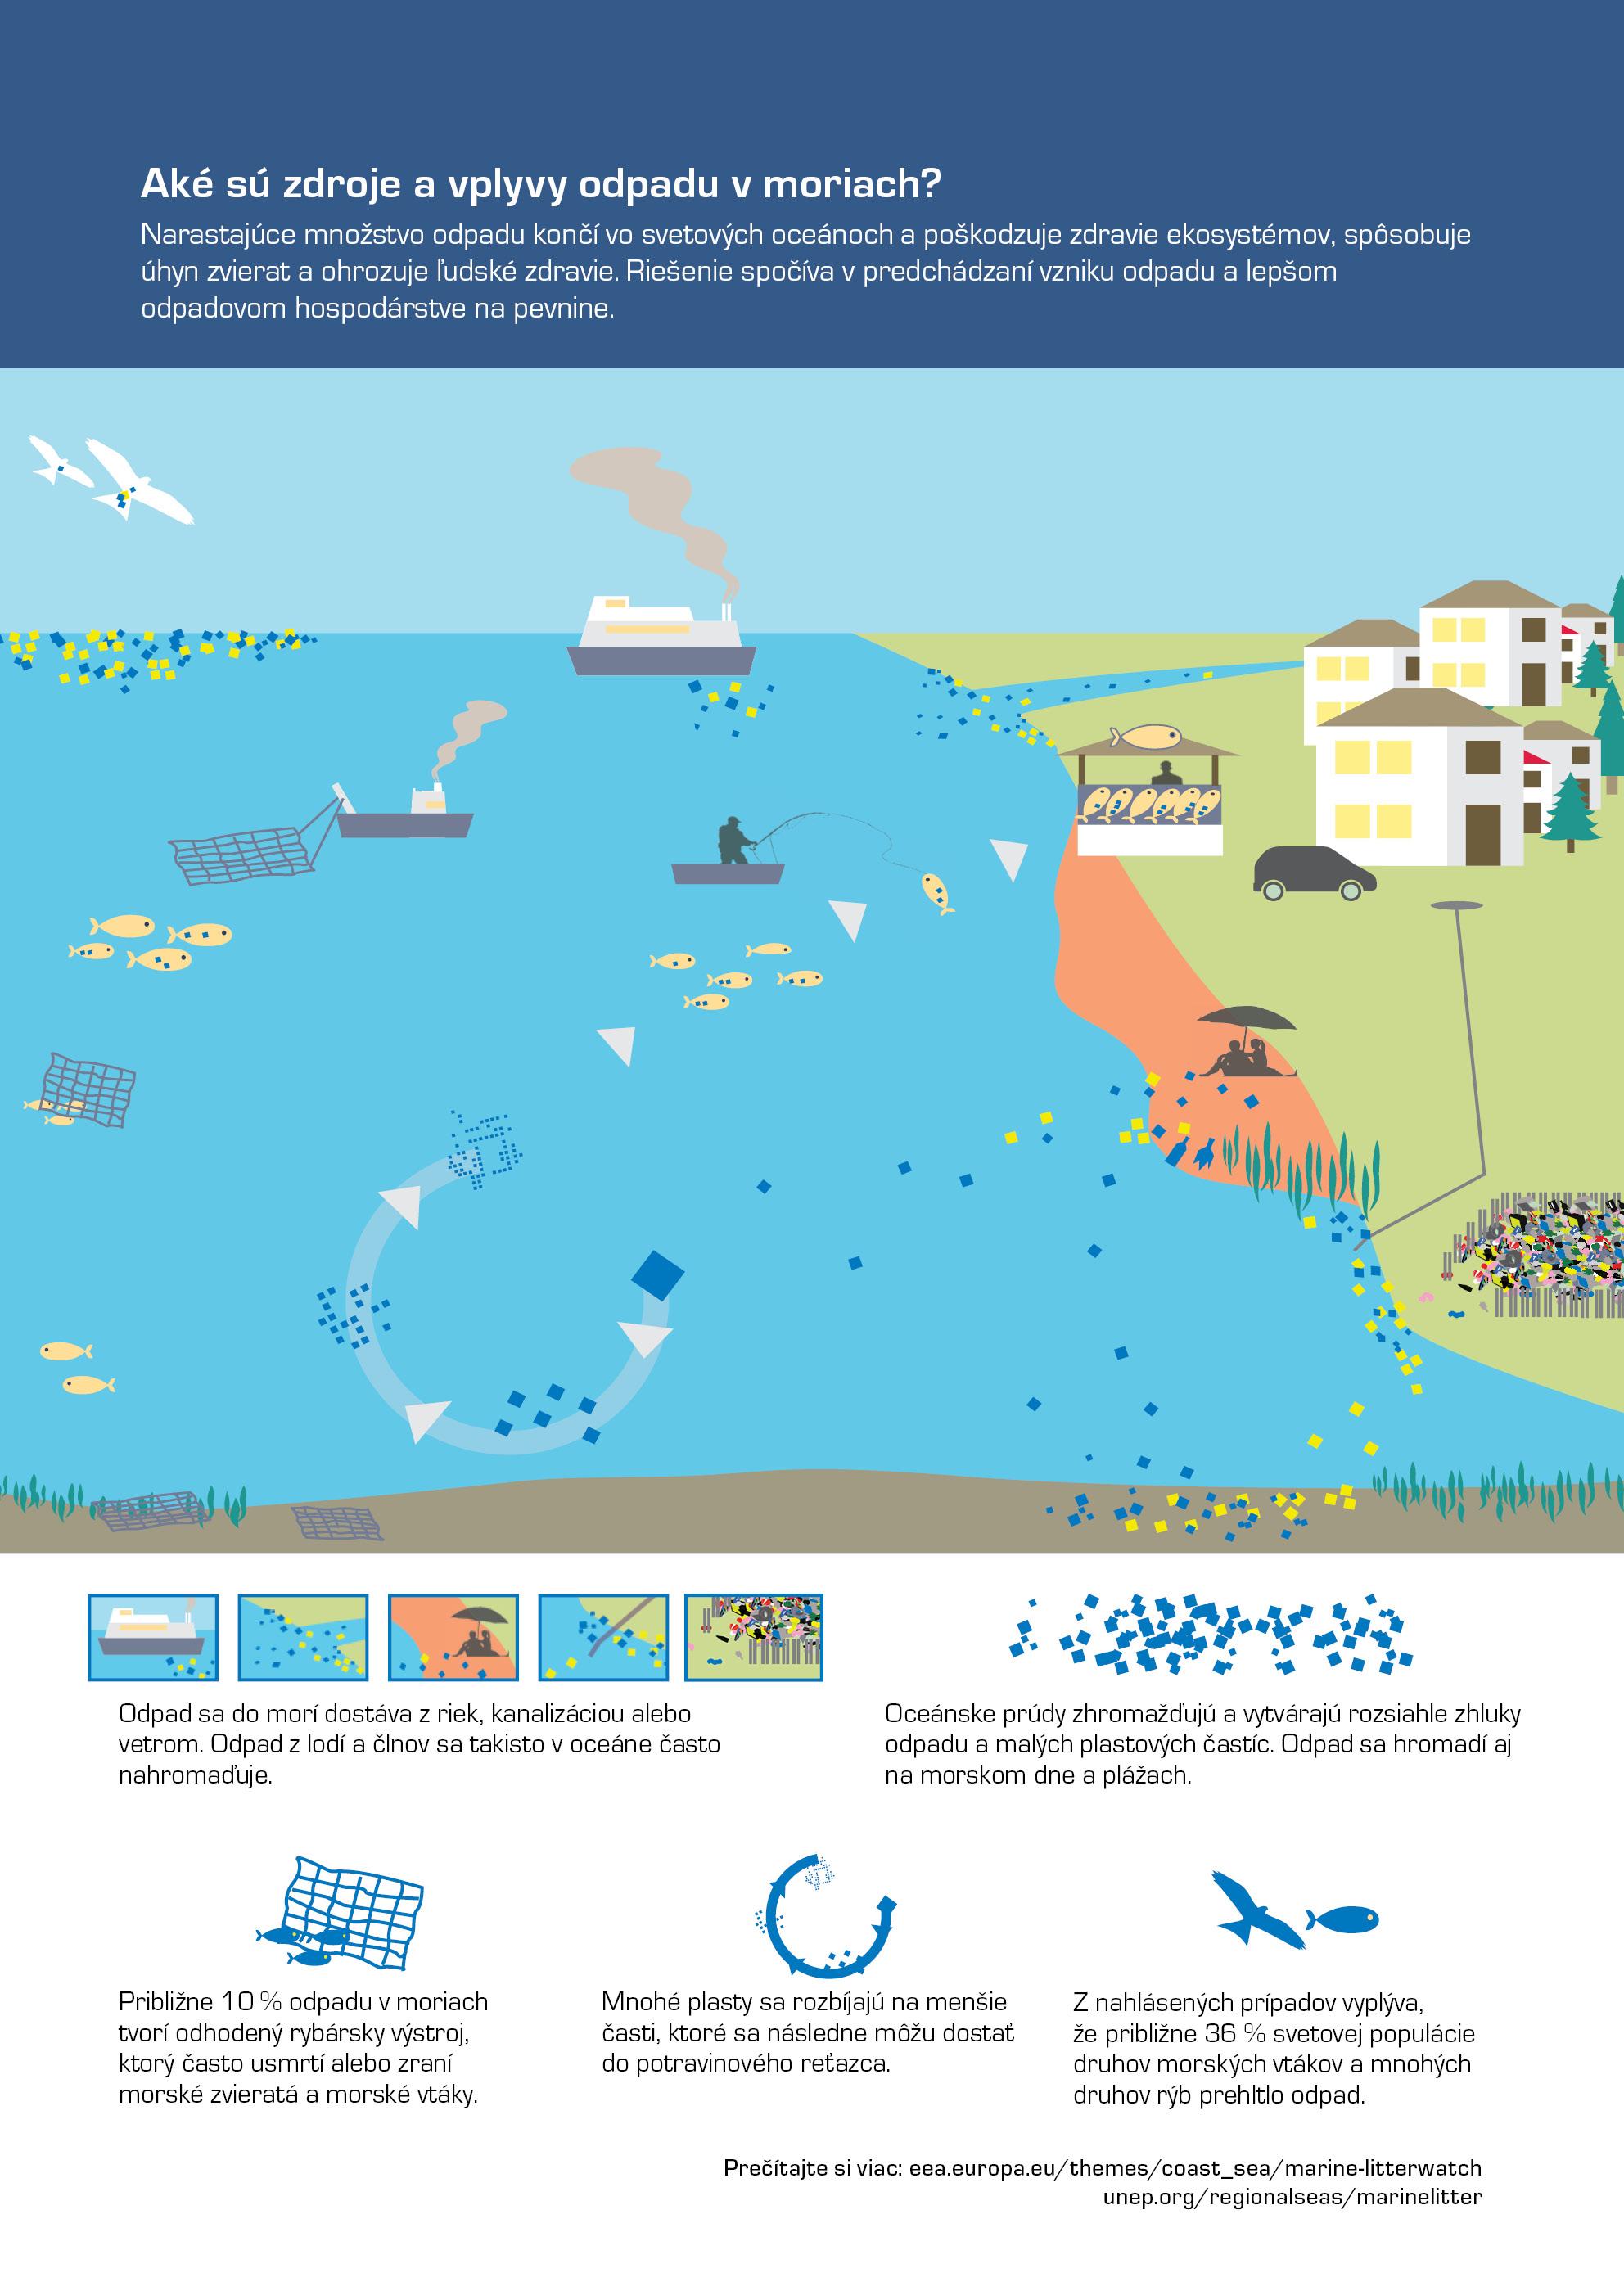 Aké sú zdroje a vplyvy odpadu v moriach?